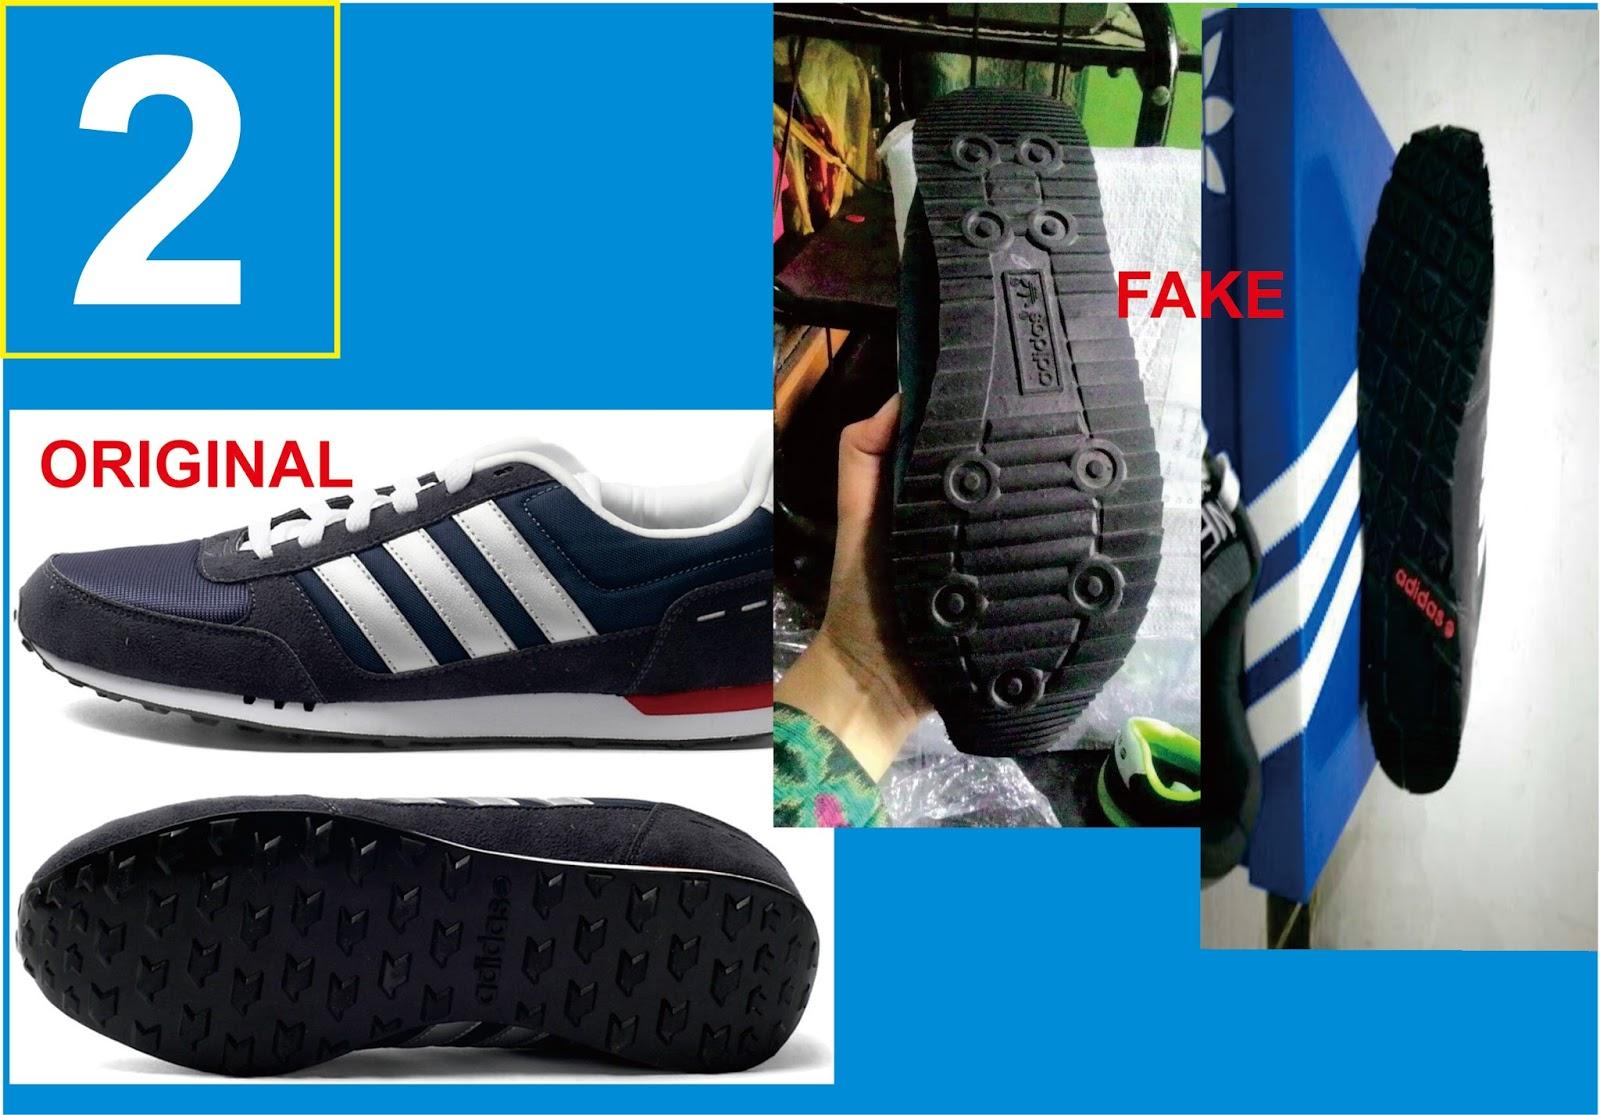 ee2ec59dd3d Mulailah Belajar~: Membedakan Sepatu Adidas Neo City Racer Original ...